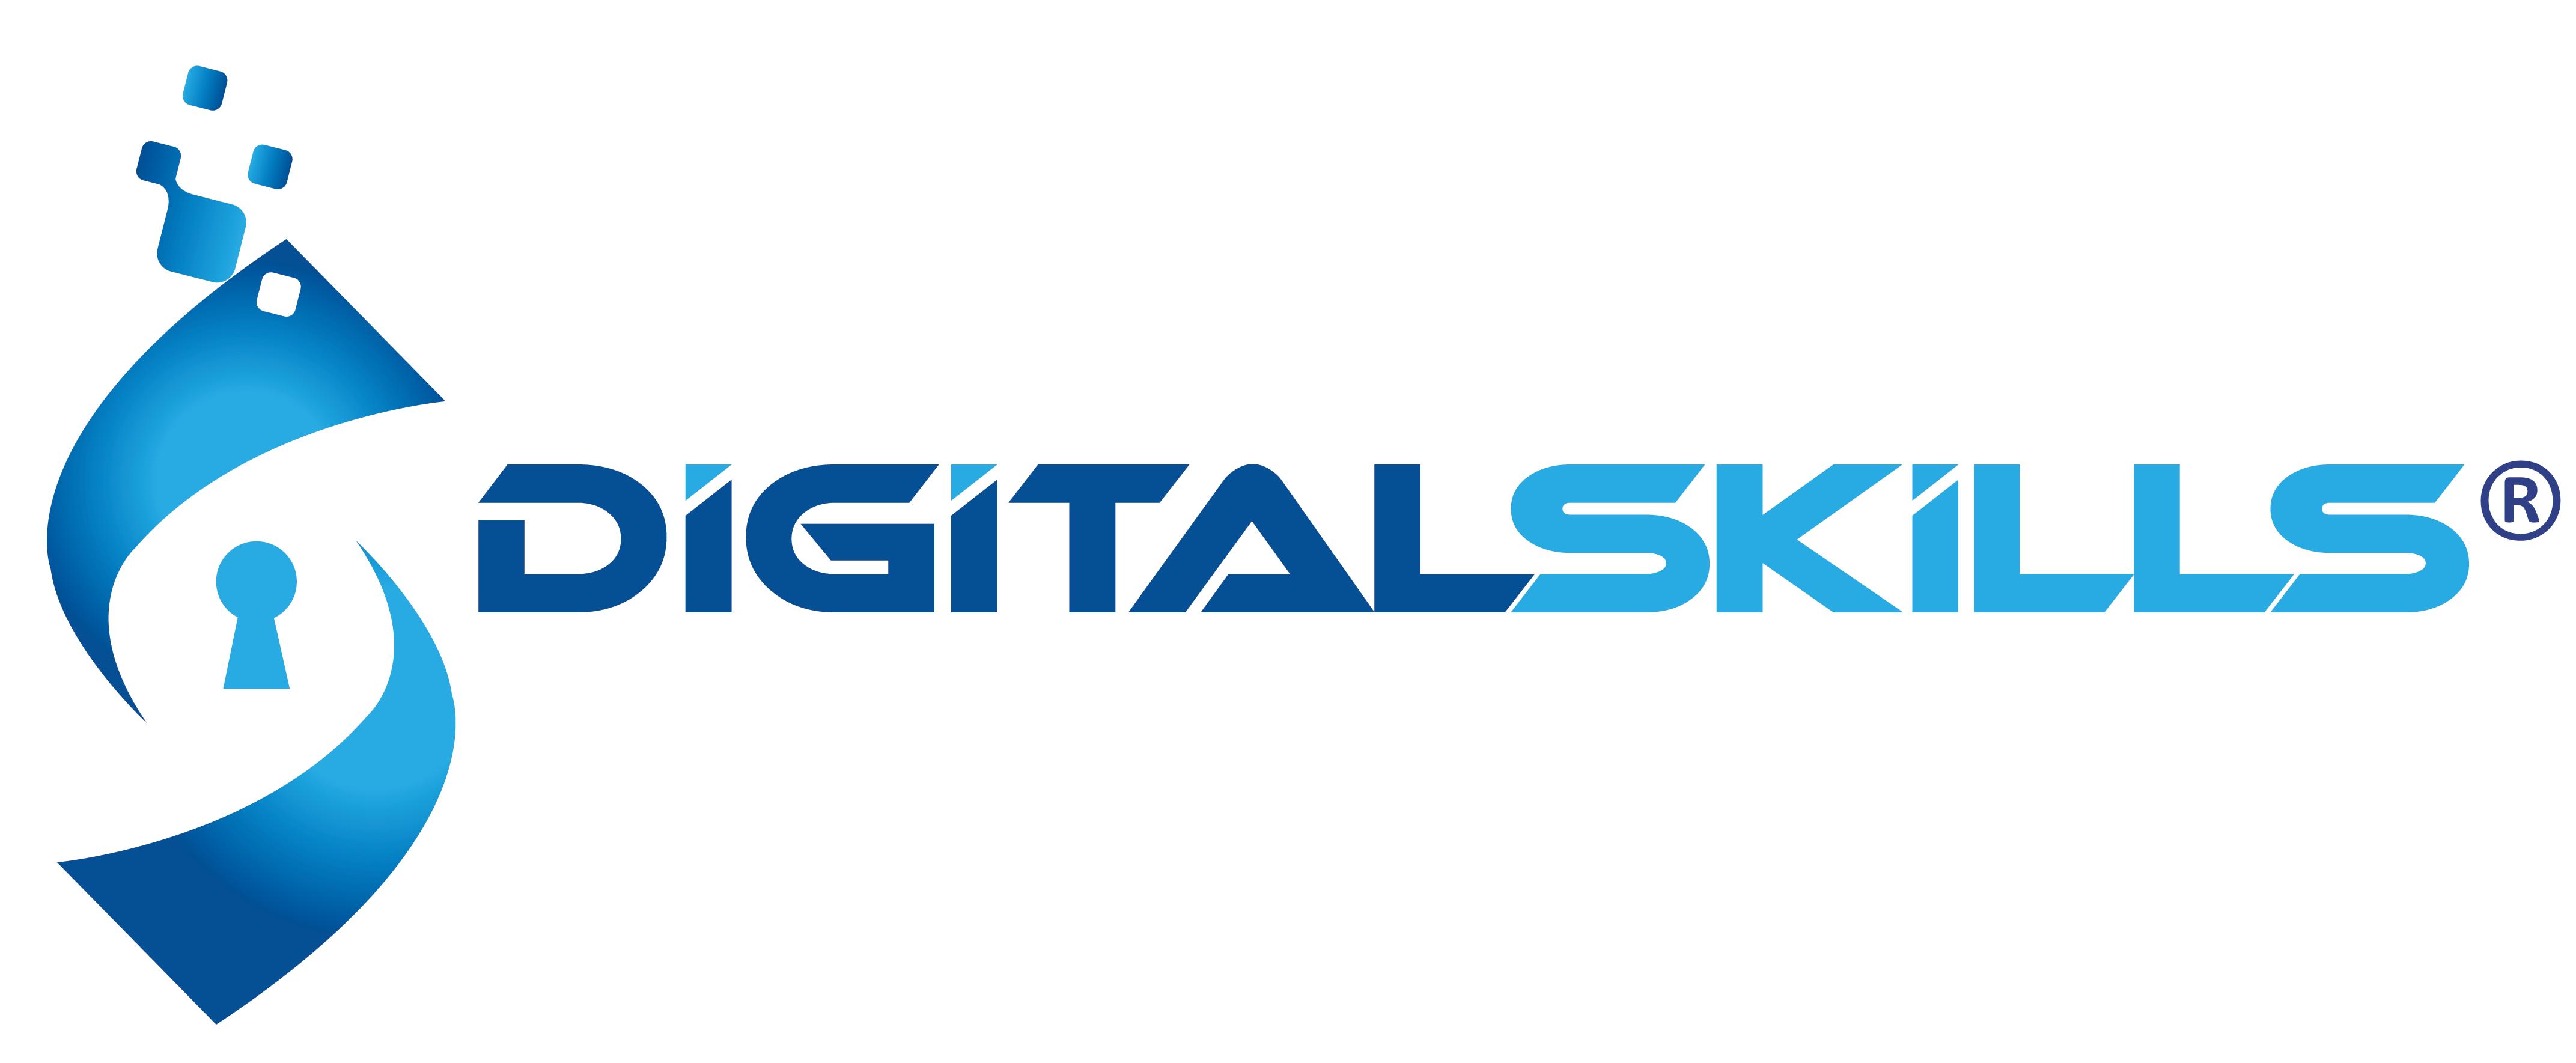 LOGO_DIGITALSKILLS_R